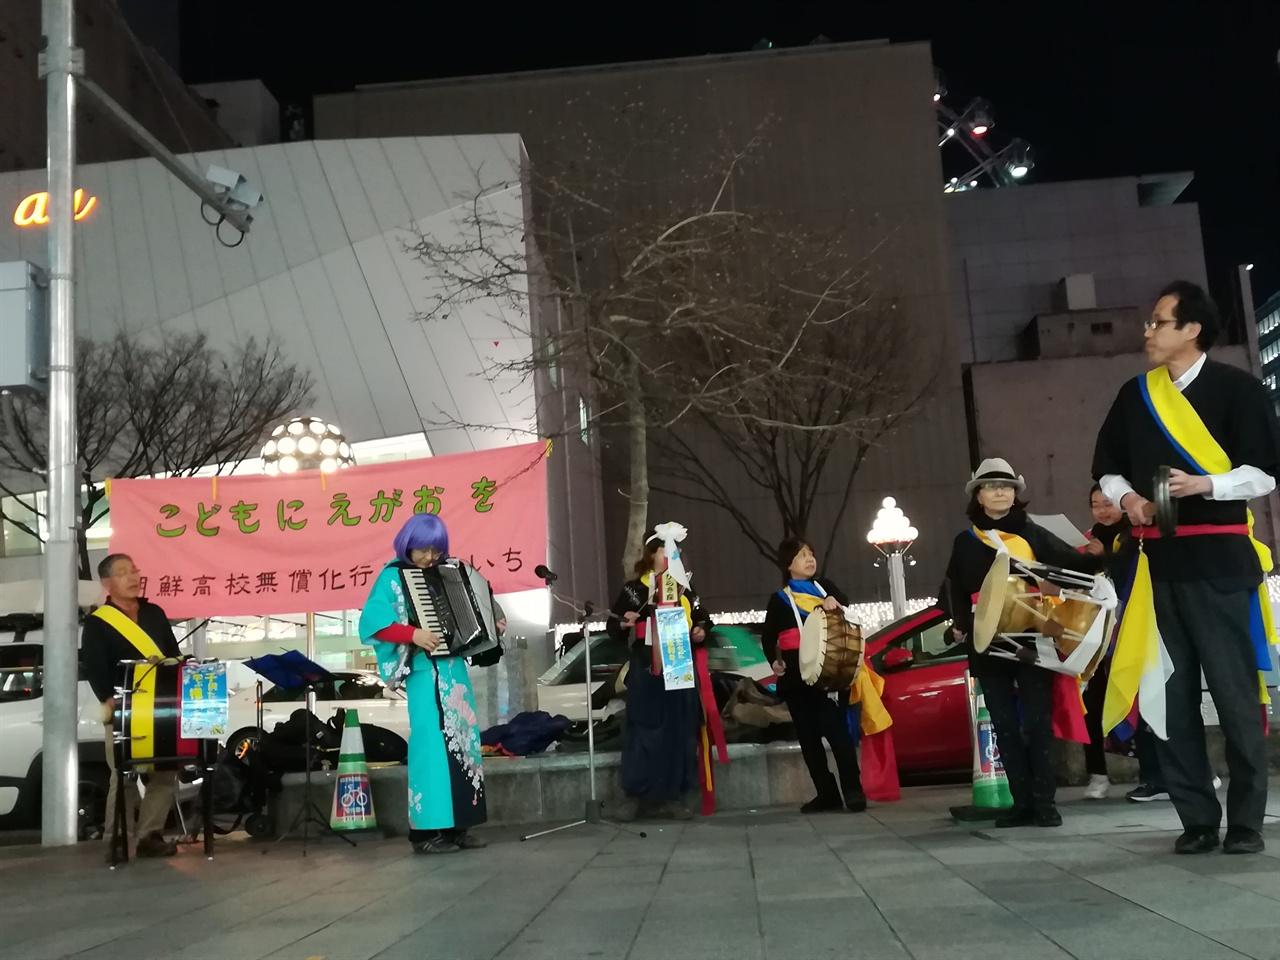 조선학교 무상화 길거리 라이브.